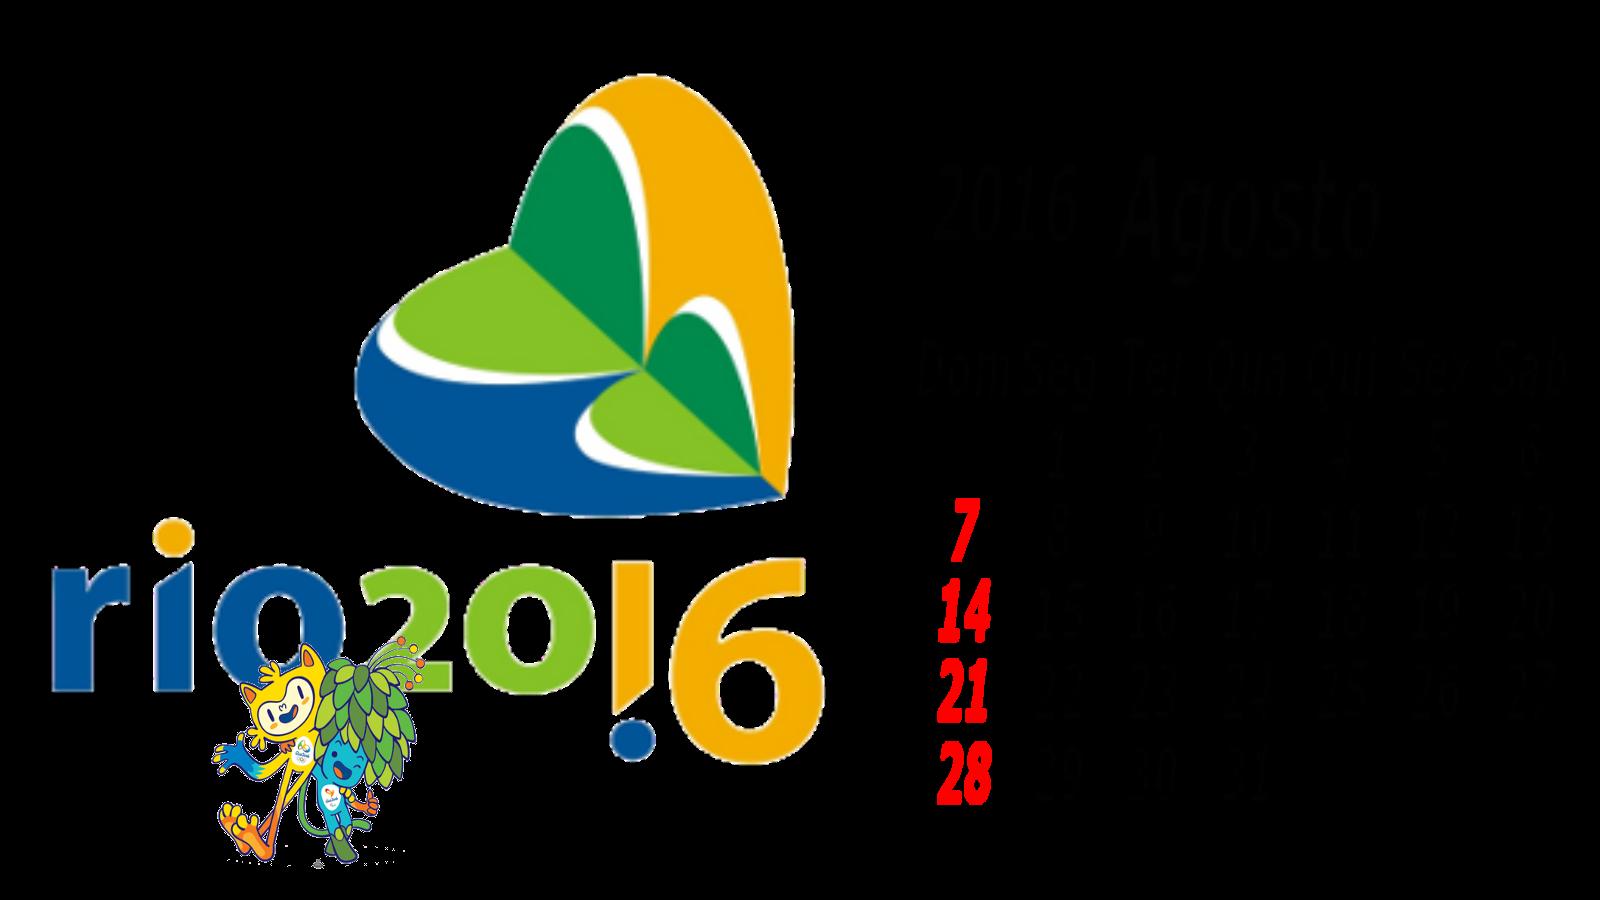 Calendario 2015 Com Feriados Em Png   Search Results   Calendar 2015